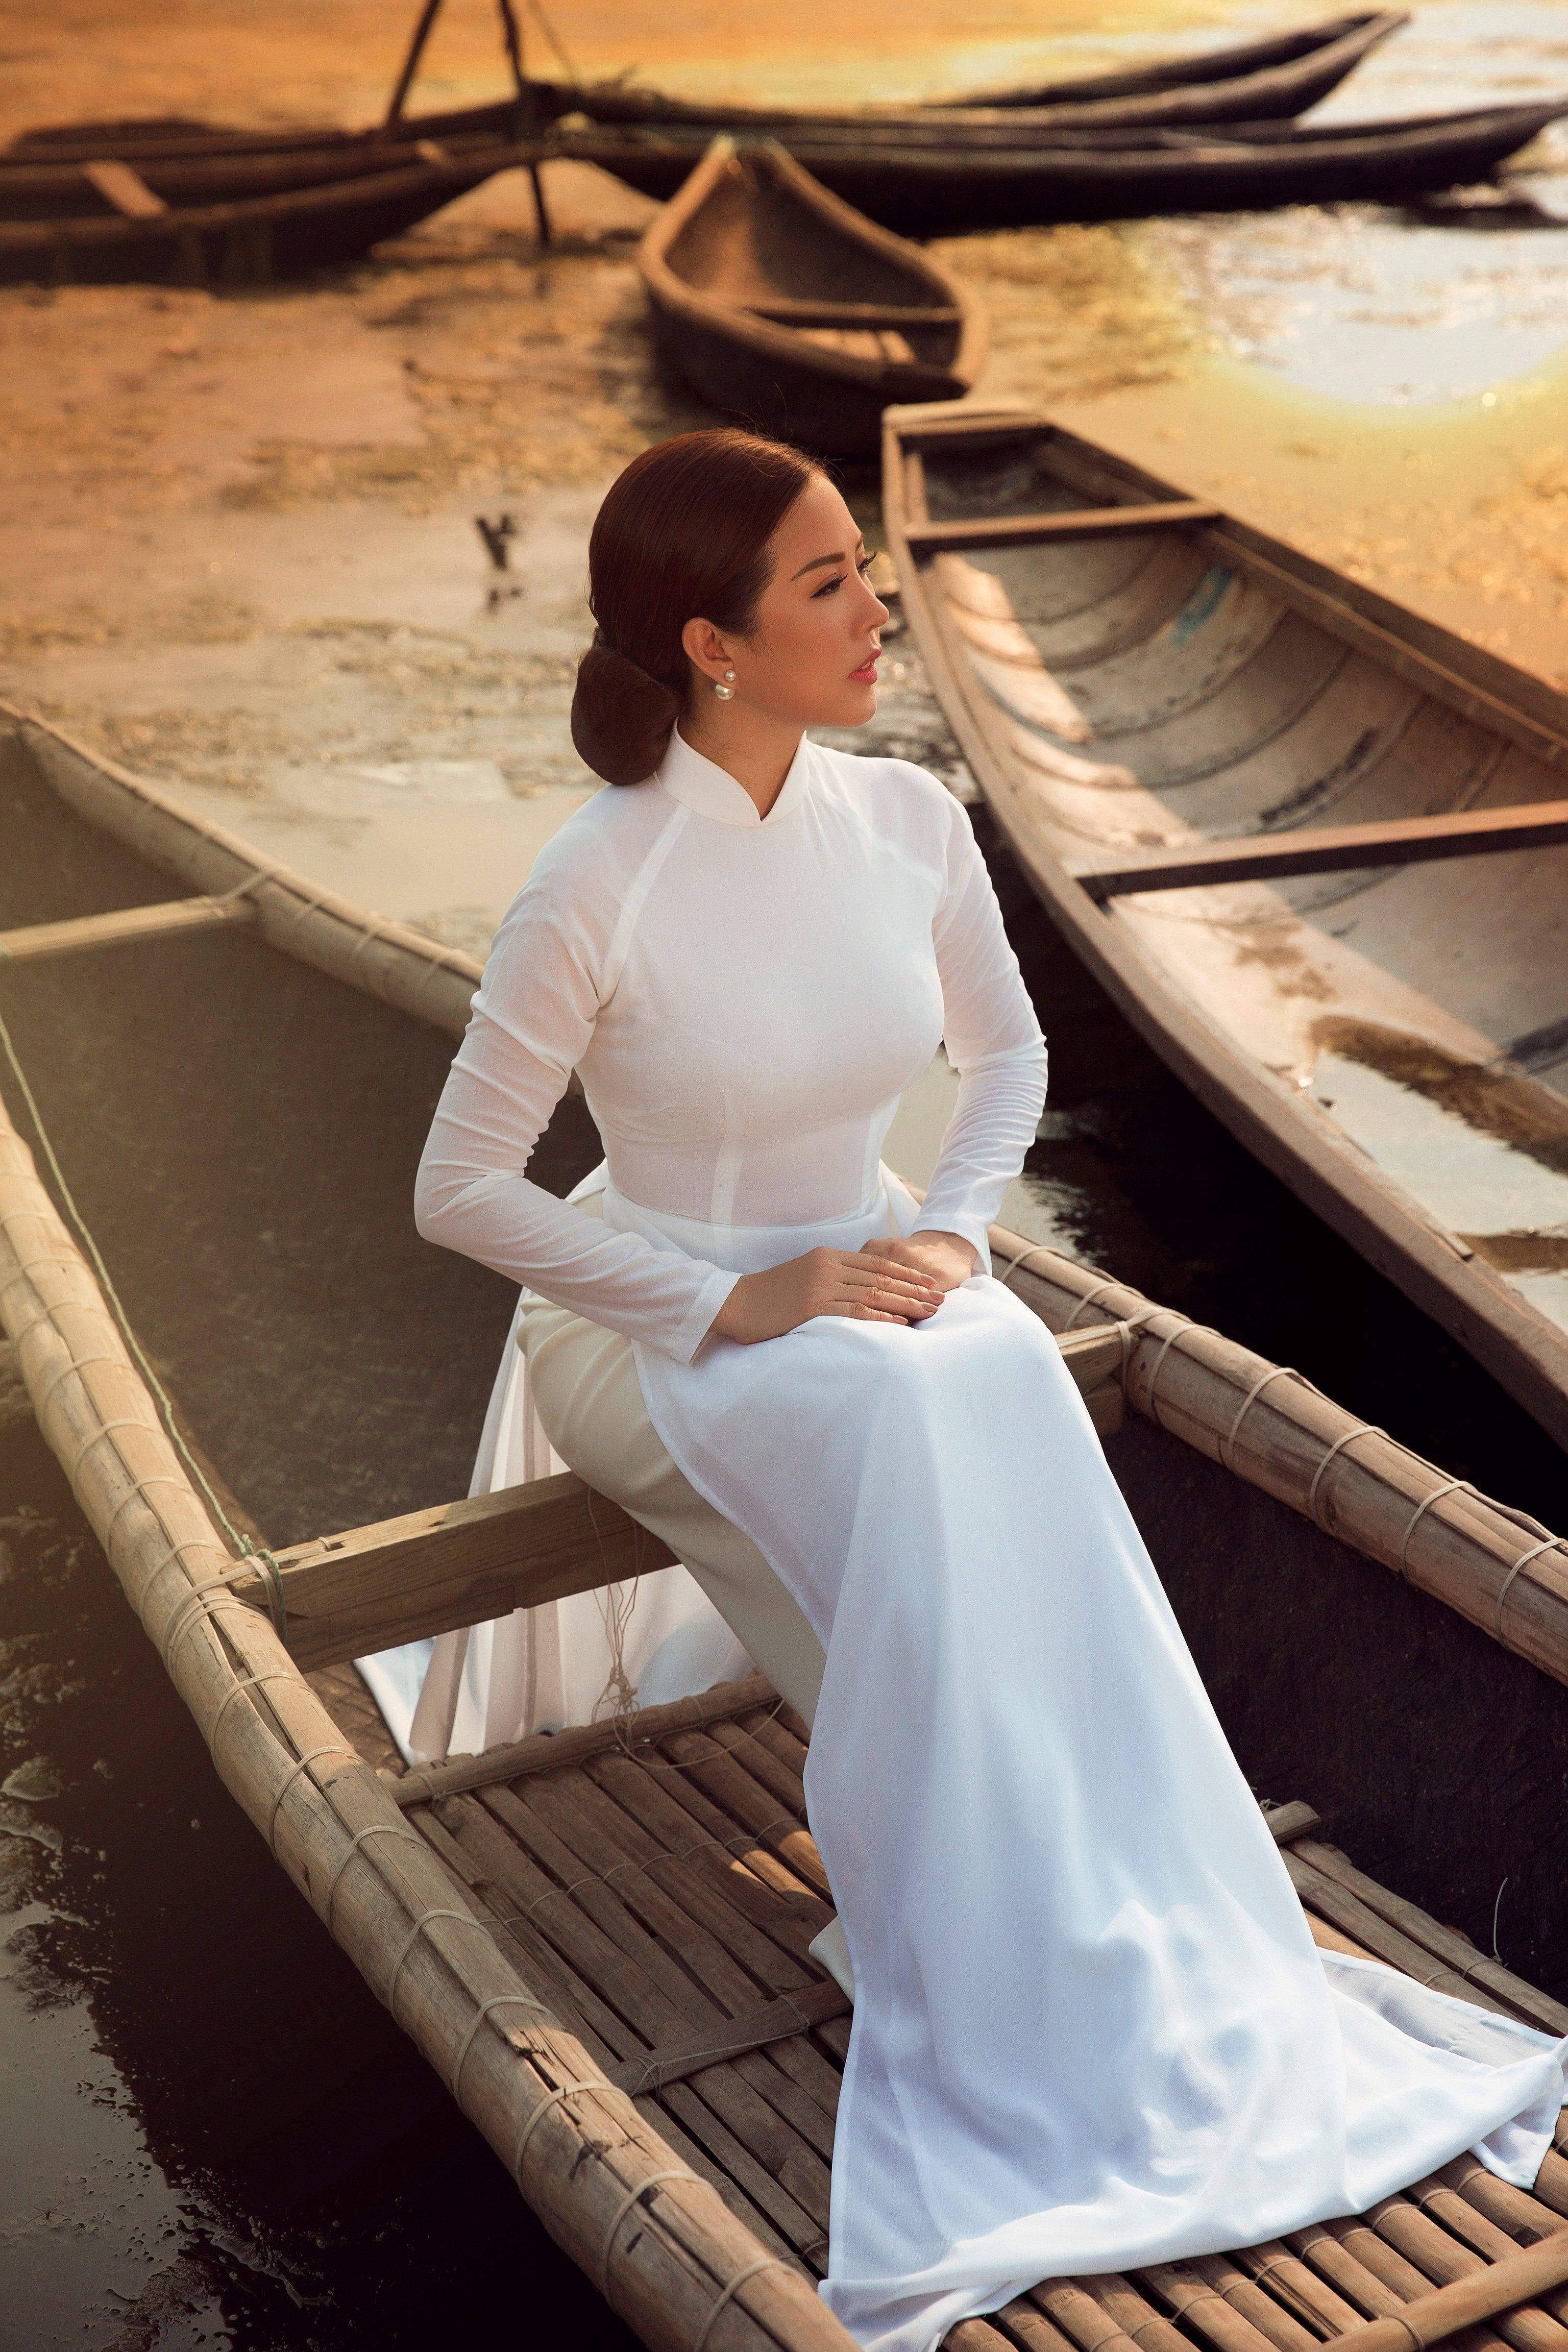 Hoa hậu Thu Hoài diện áo dài trắng đẹp dịu dàng, mỏng manh 7